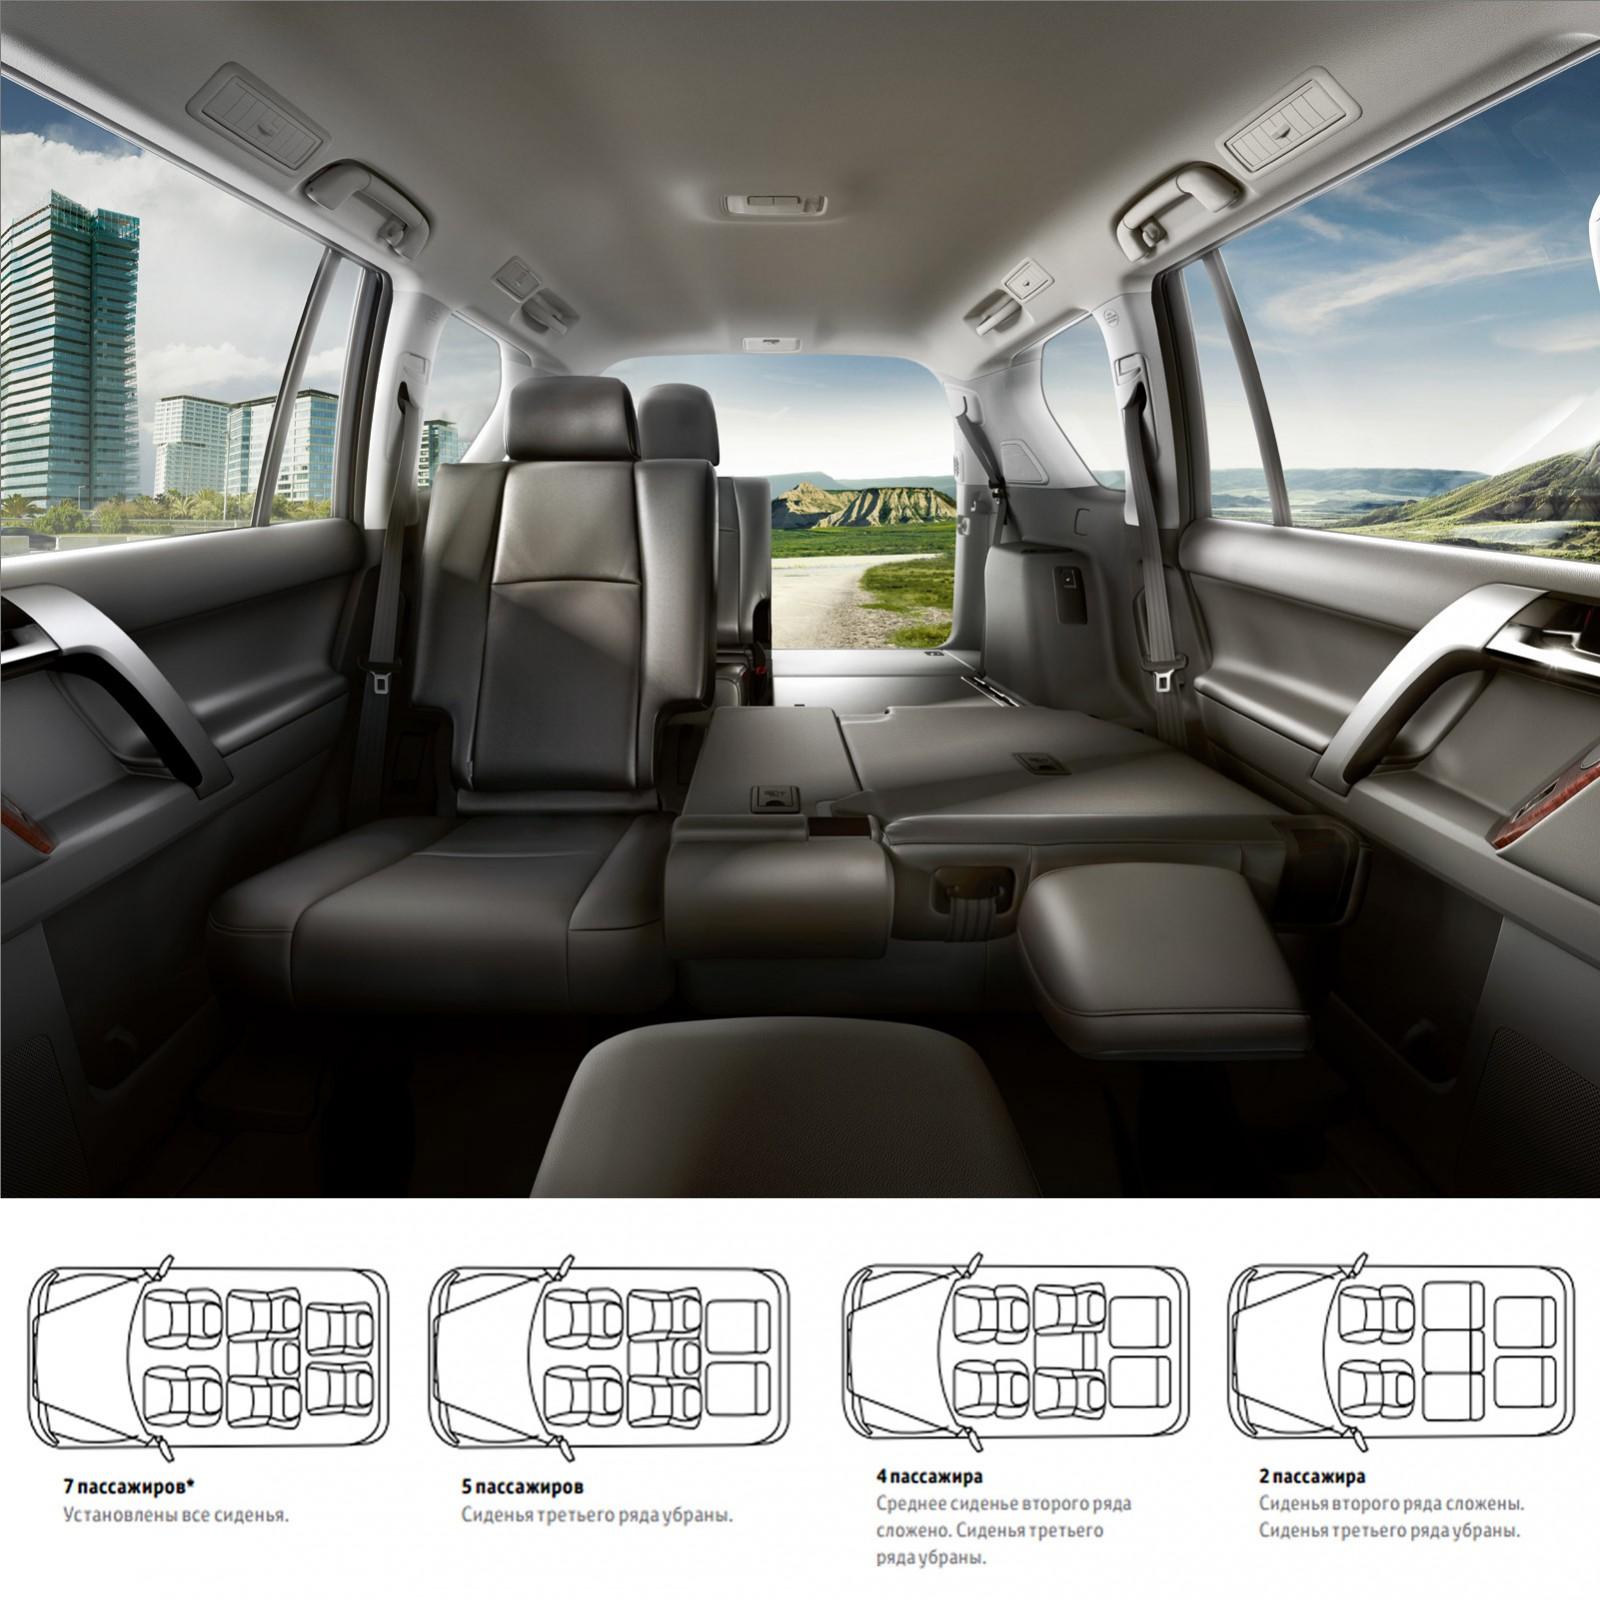 Toyota Land Cruiser Prado - вместимость салона